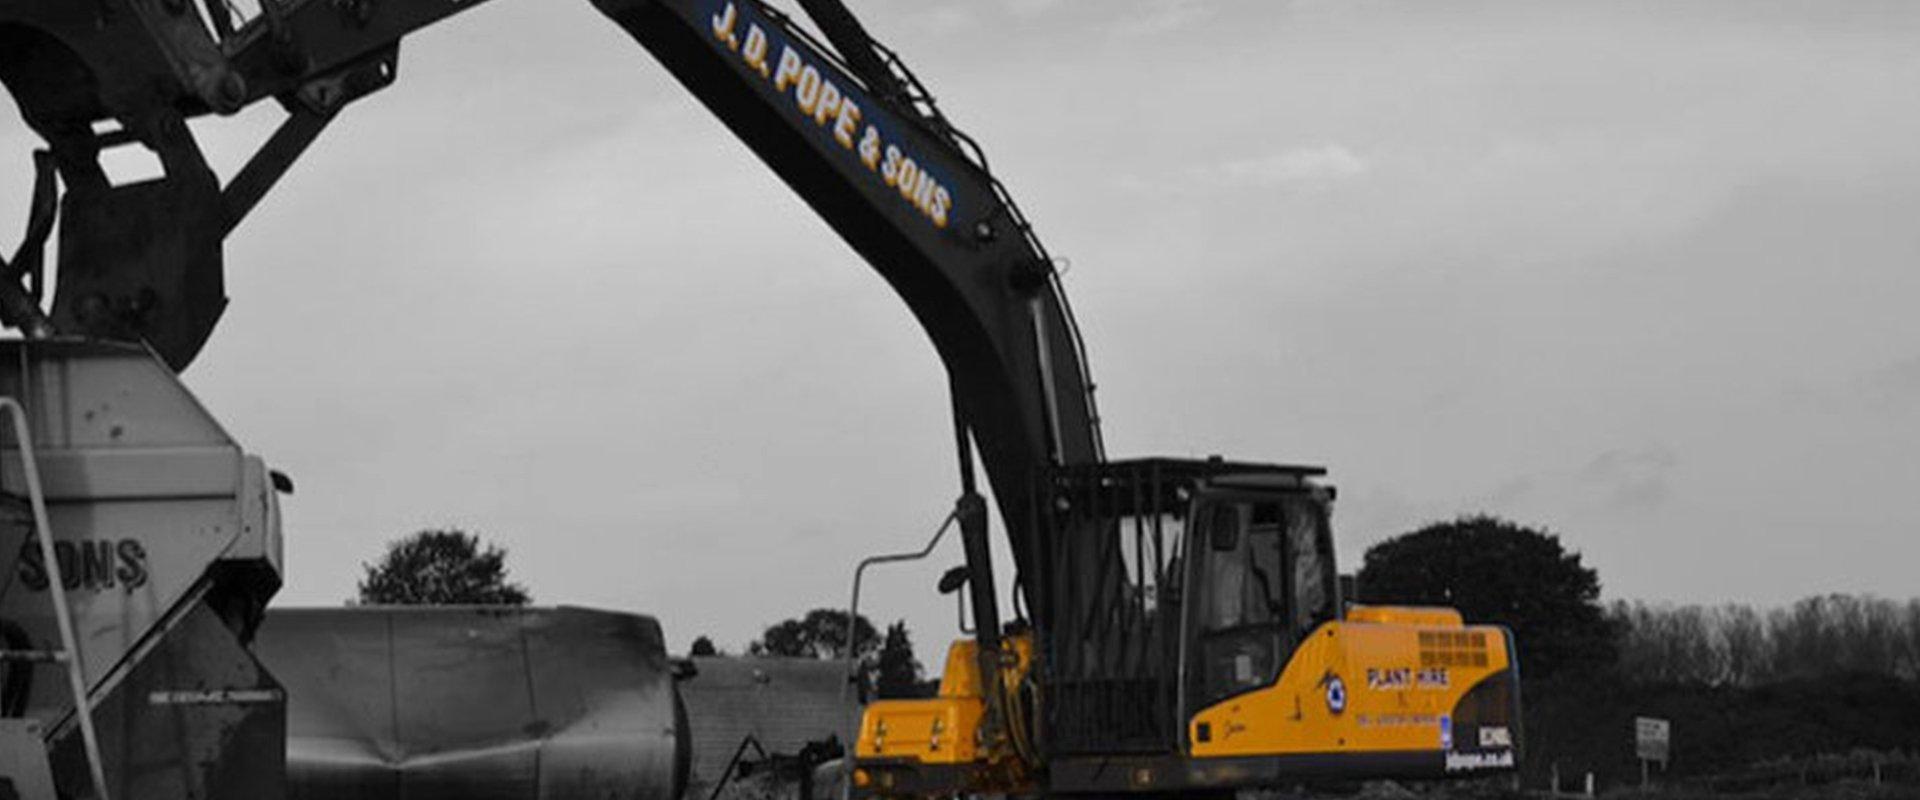 yellow coloured Excavator